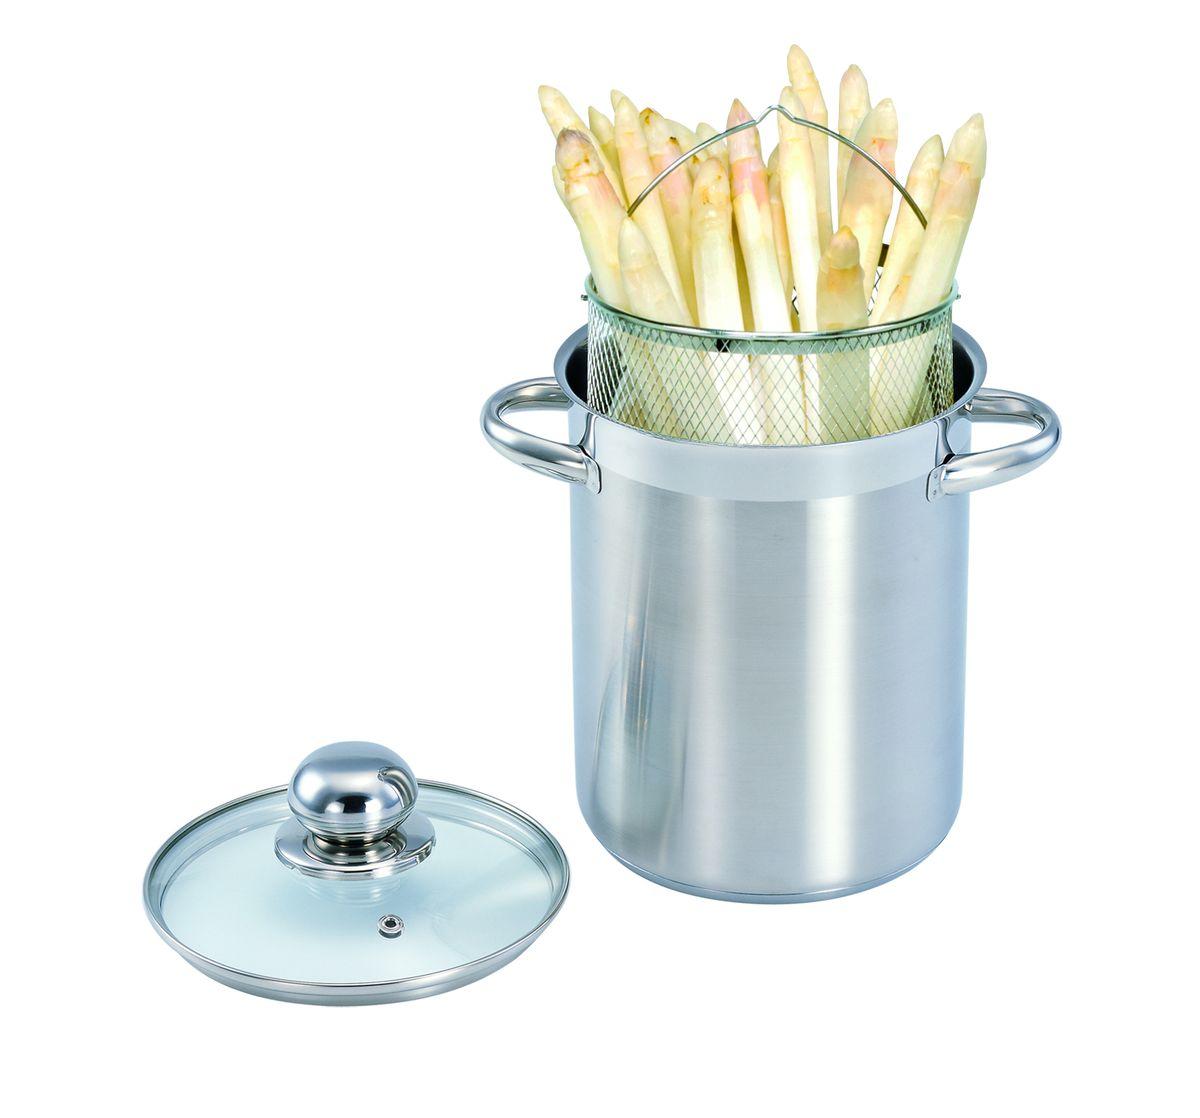 Спагетница 4,1л 440016440016Кастрюля для спагетти изготовлена из высококачественной нержавеющей стали 18/10 с полировкой поверхности до зеркального блеска. Кастрюля для спагетти представляет собой основную кастрюлю и вставку-сетку. Такая кастрюля идеально подходит для приготовления всех видов макаронных изделий, варки компотов. Сетка-вставка может заменить дуршлаг. Можно использовать как фритюрницу. Высококачественное трехслойное основание с цельноалюминиевой сердцевиной быстро поглощает тепло и равномерно распределяет Сварные ручки из нержавеющей стали обеспечивают превосходную прочность и долговечность. Крышка с вентиляционным отверстием изготовлена из качественного жаростойкого стекла, что позволяет контролировать процесс приготовления пищи без потерь тепла, а также обеспечивает легкость и контроль приготовления пищи. Подходит для всех типов конфорок, включая индукционные. Пригодна для мытья в посудомоечной машине.